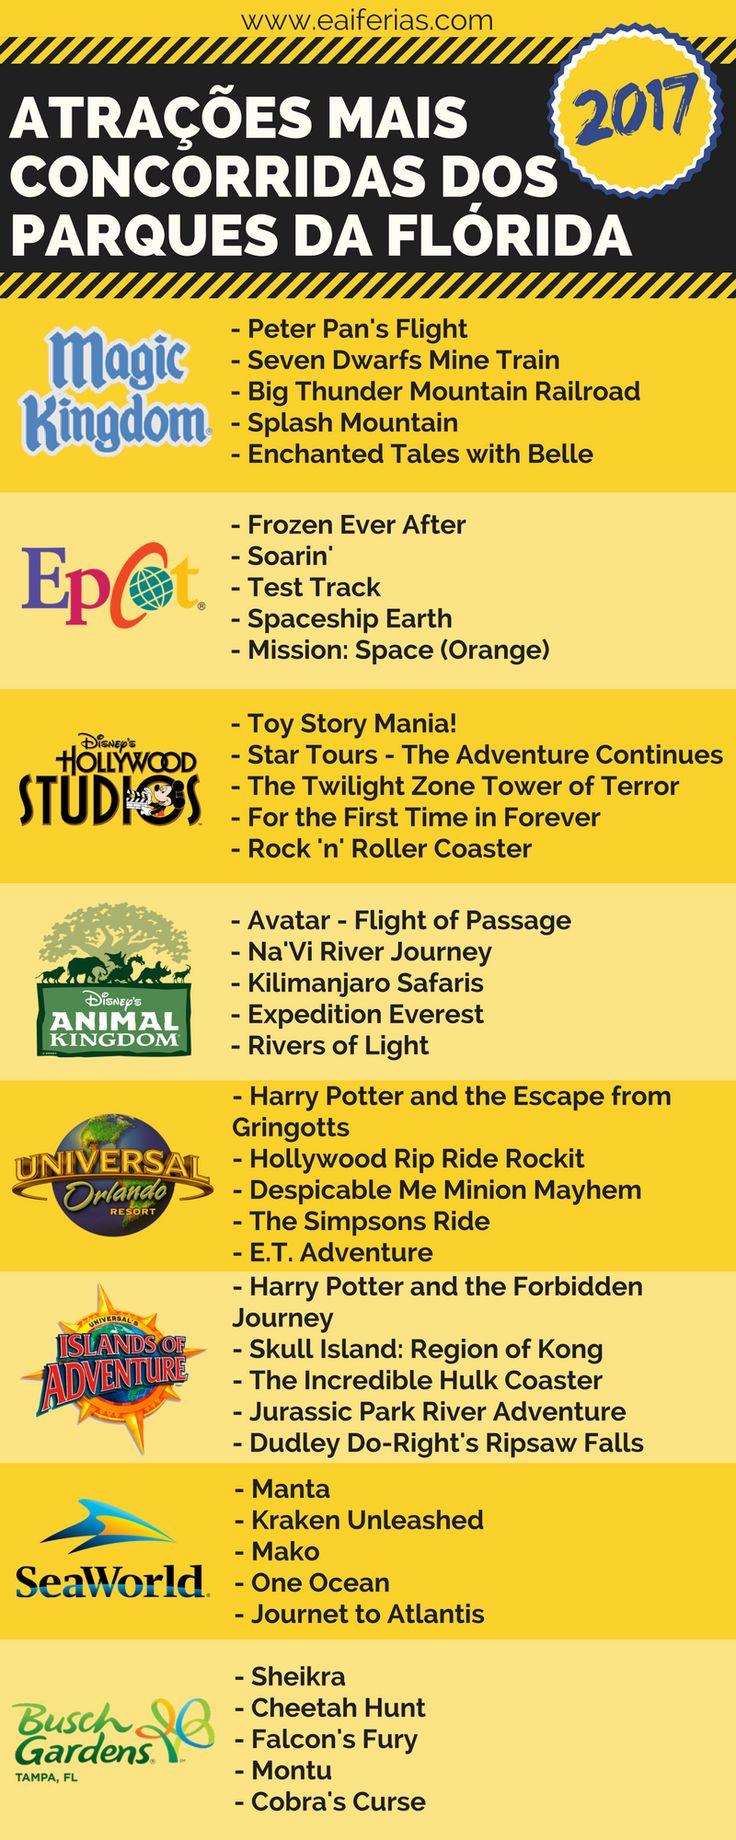 As atrações mais concorridas dos Parques de Orlando e Tampa, na Flórida. Aquelas que tem maior filas nos parques. Walt Disney World, Magic Kingdom, Epcot, Animal Kingdom, Hollywood Studios, Universal Studios Orlando, Island of Adventures, Sea World, Busch Gardens.